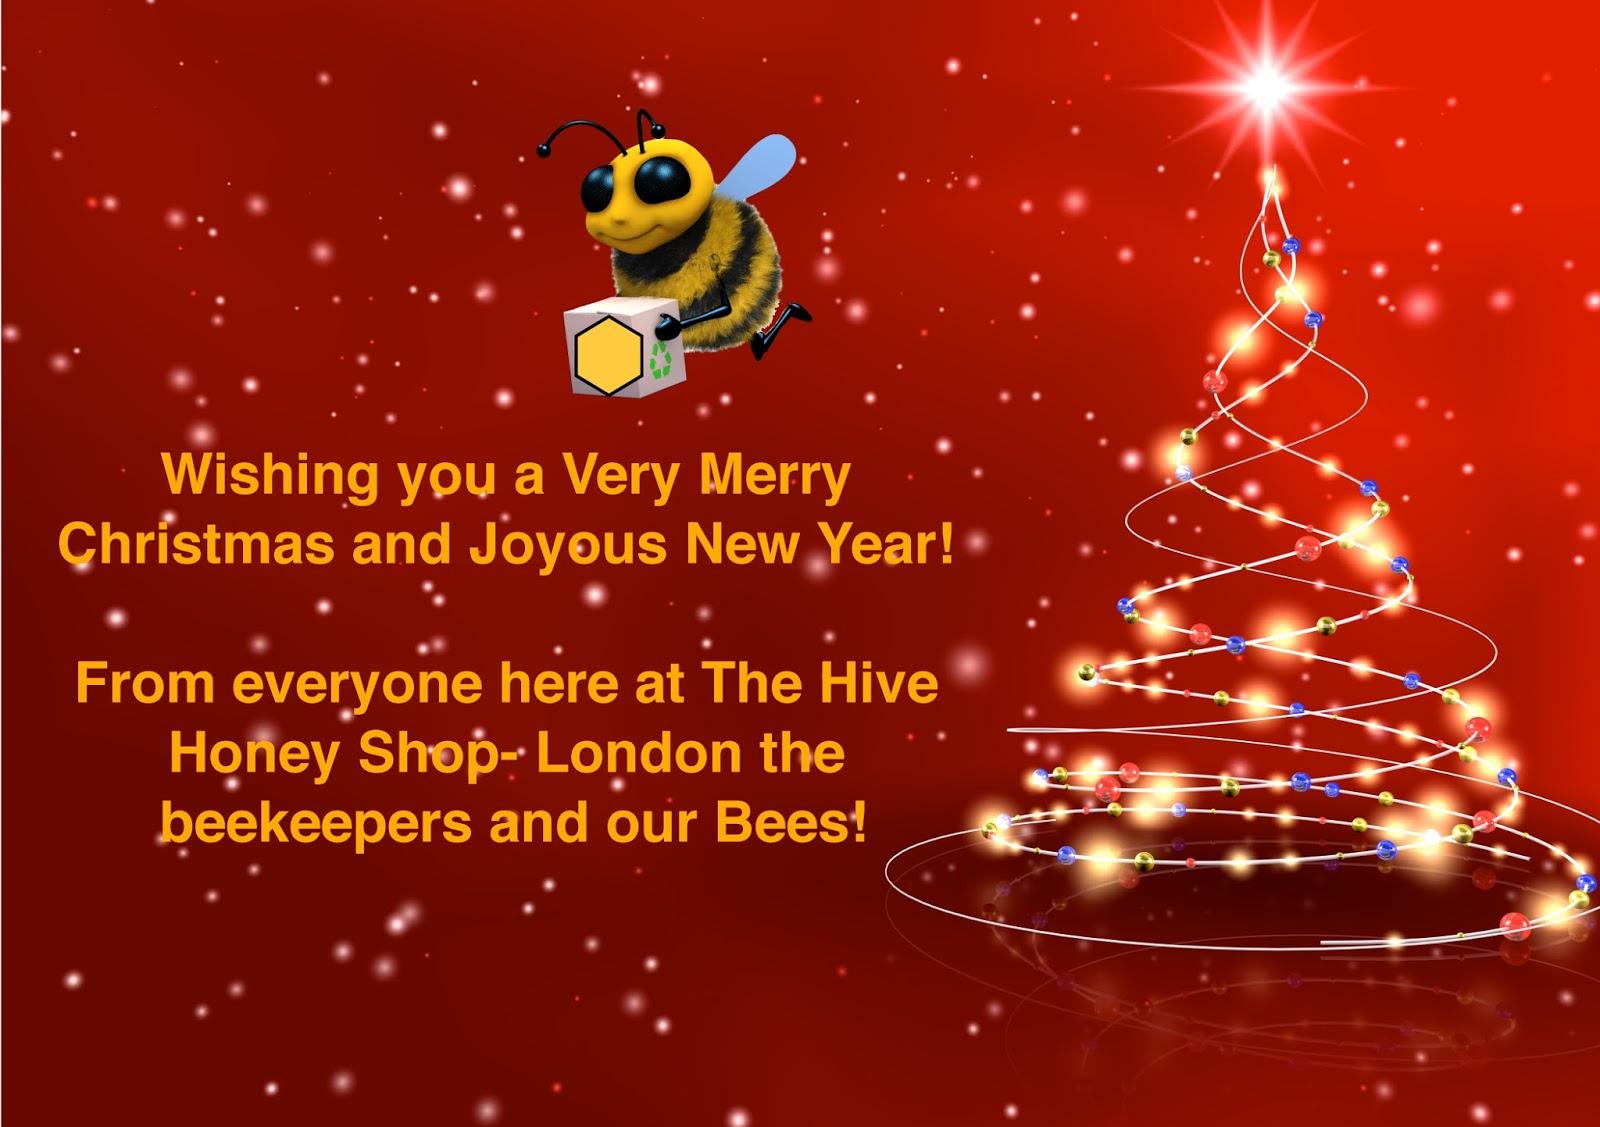 Wishing you a Very Merry Christmas. Ho Ho Ho! - The Hive Honey Shop